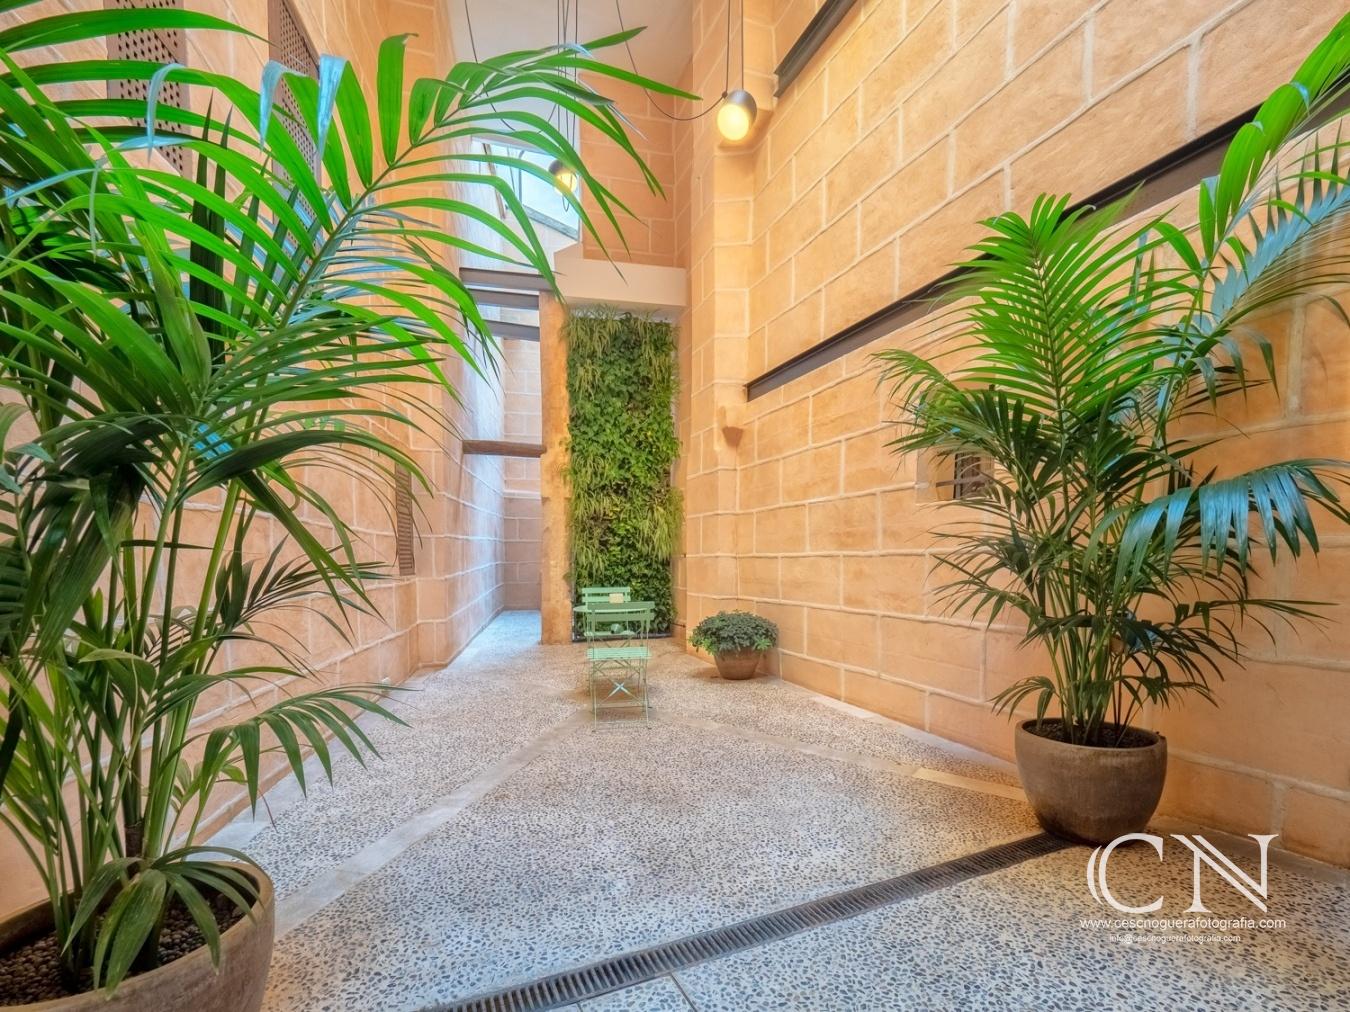 Casa a Rambla de Palma - Cesc Noguera Fotografía, Cuando la fotografía es una pasión, Architectural & Interior design photographer / Landscape Photography